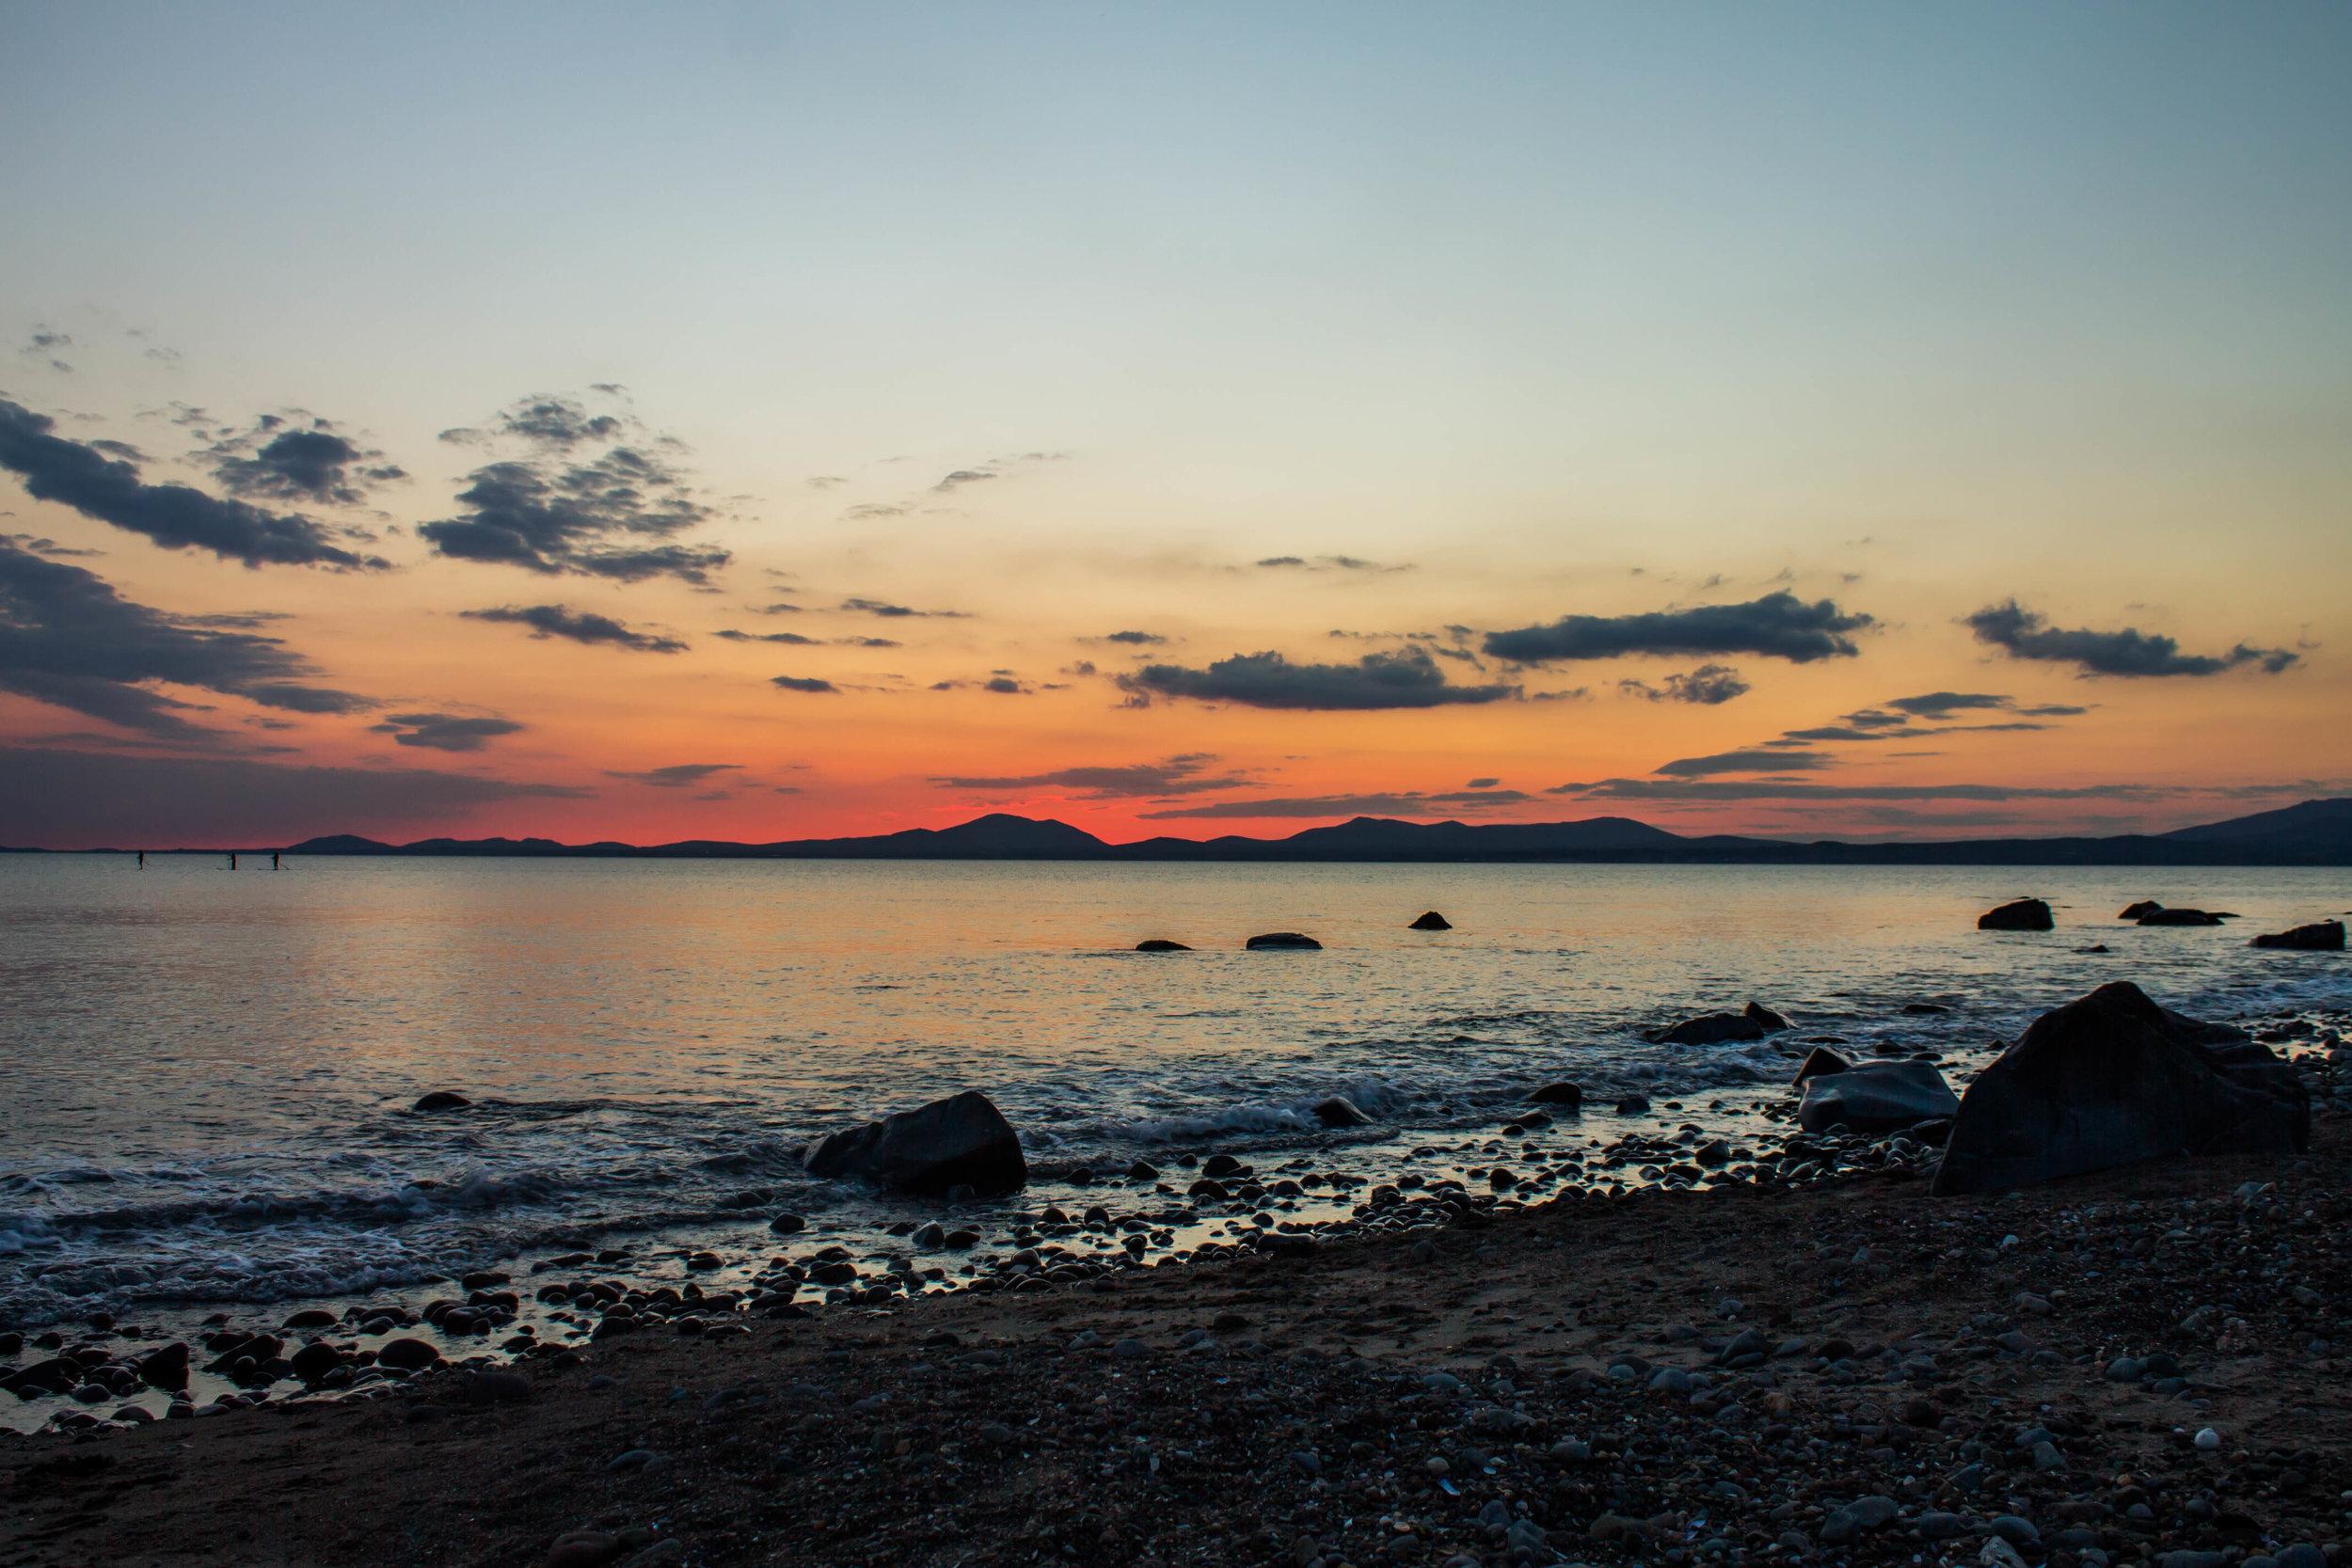 Harlech beach at sunset